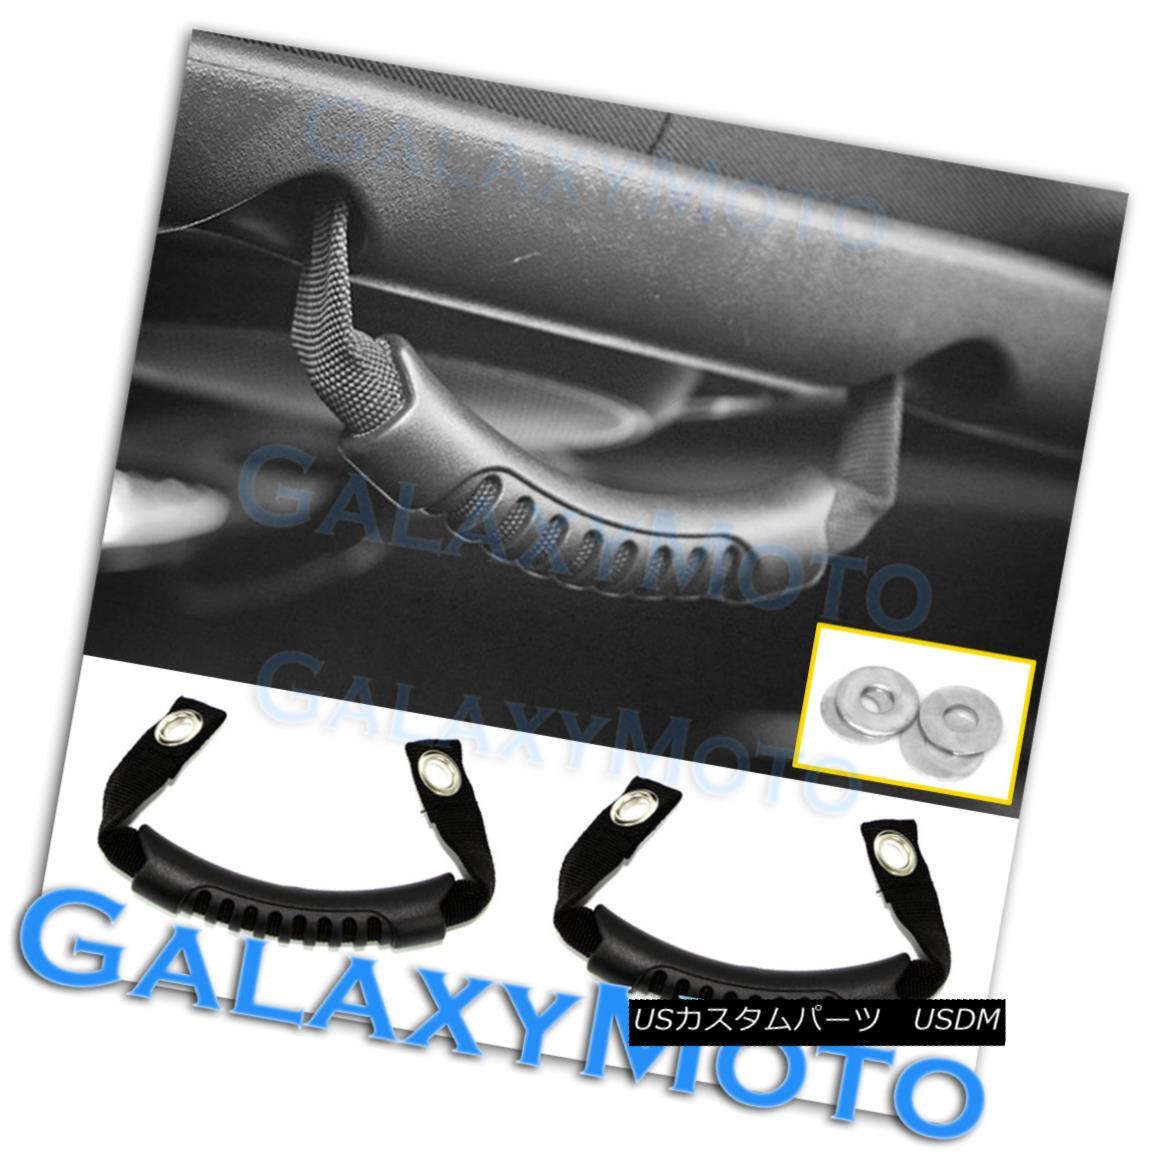 グリル Black Rear Side Grab Handle 1 Pair Windshield Pillar for 07-17 Jeep Wrangler JK ブラックリアサイドグラブハンドル07-17ジープラングラーJK用1対のウィンドシールドピラー